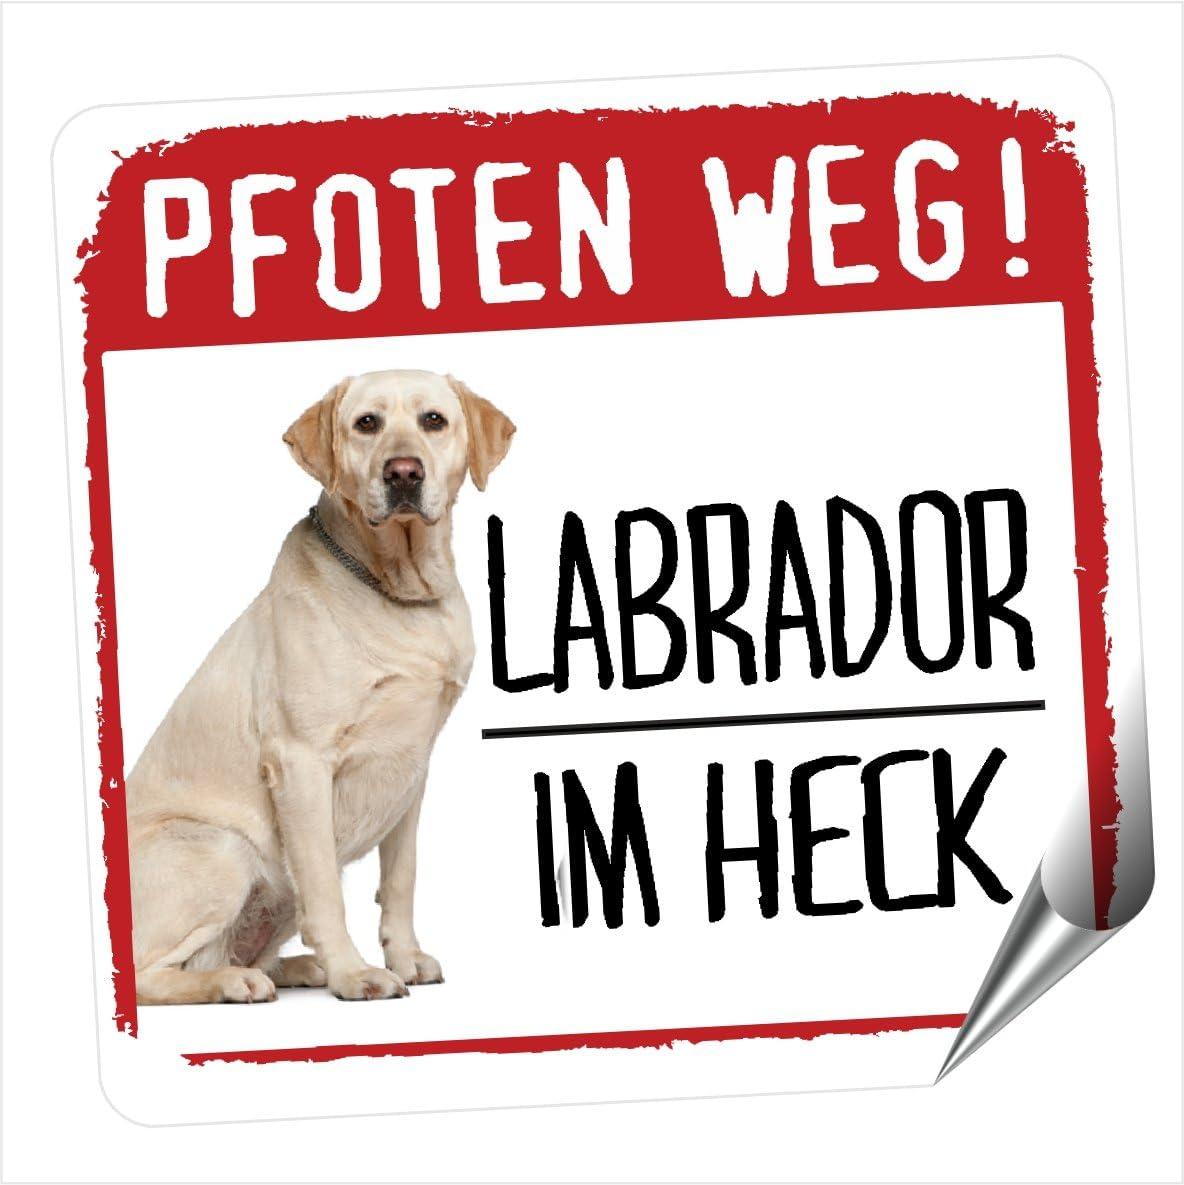 Siviwonder Labrador Pfoten Weg Kleiner Auto Aufkleber Hundeaufkleber Reflektierend Reflective Labby Auto